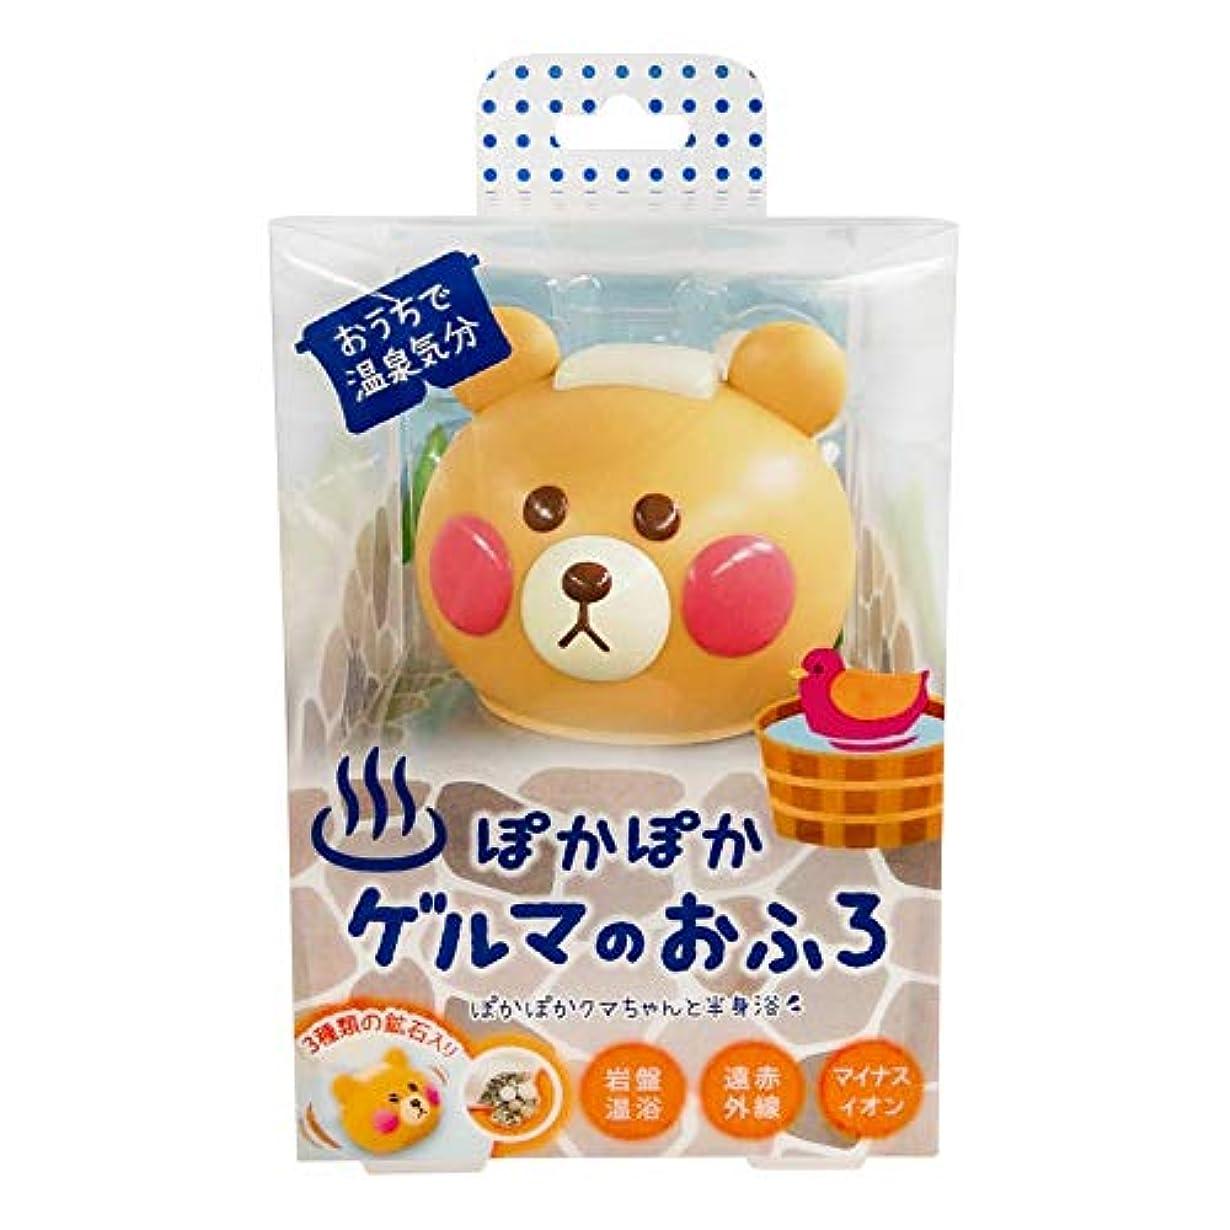 BW(ビューティーワールド) ぽかぽかクマちゃん PKP 1681 モカ (1個)